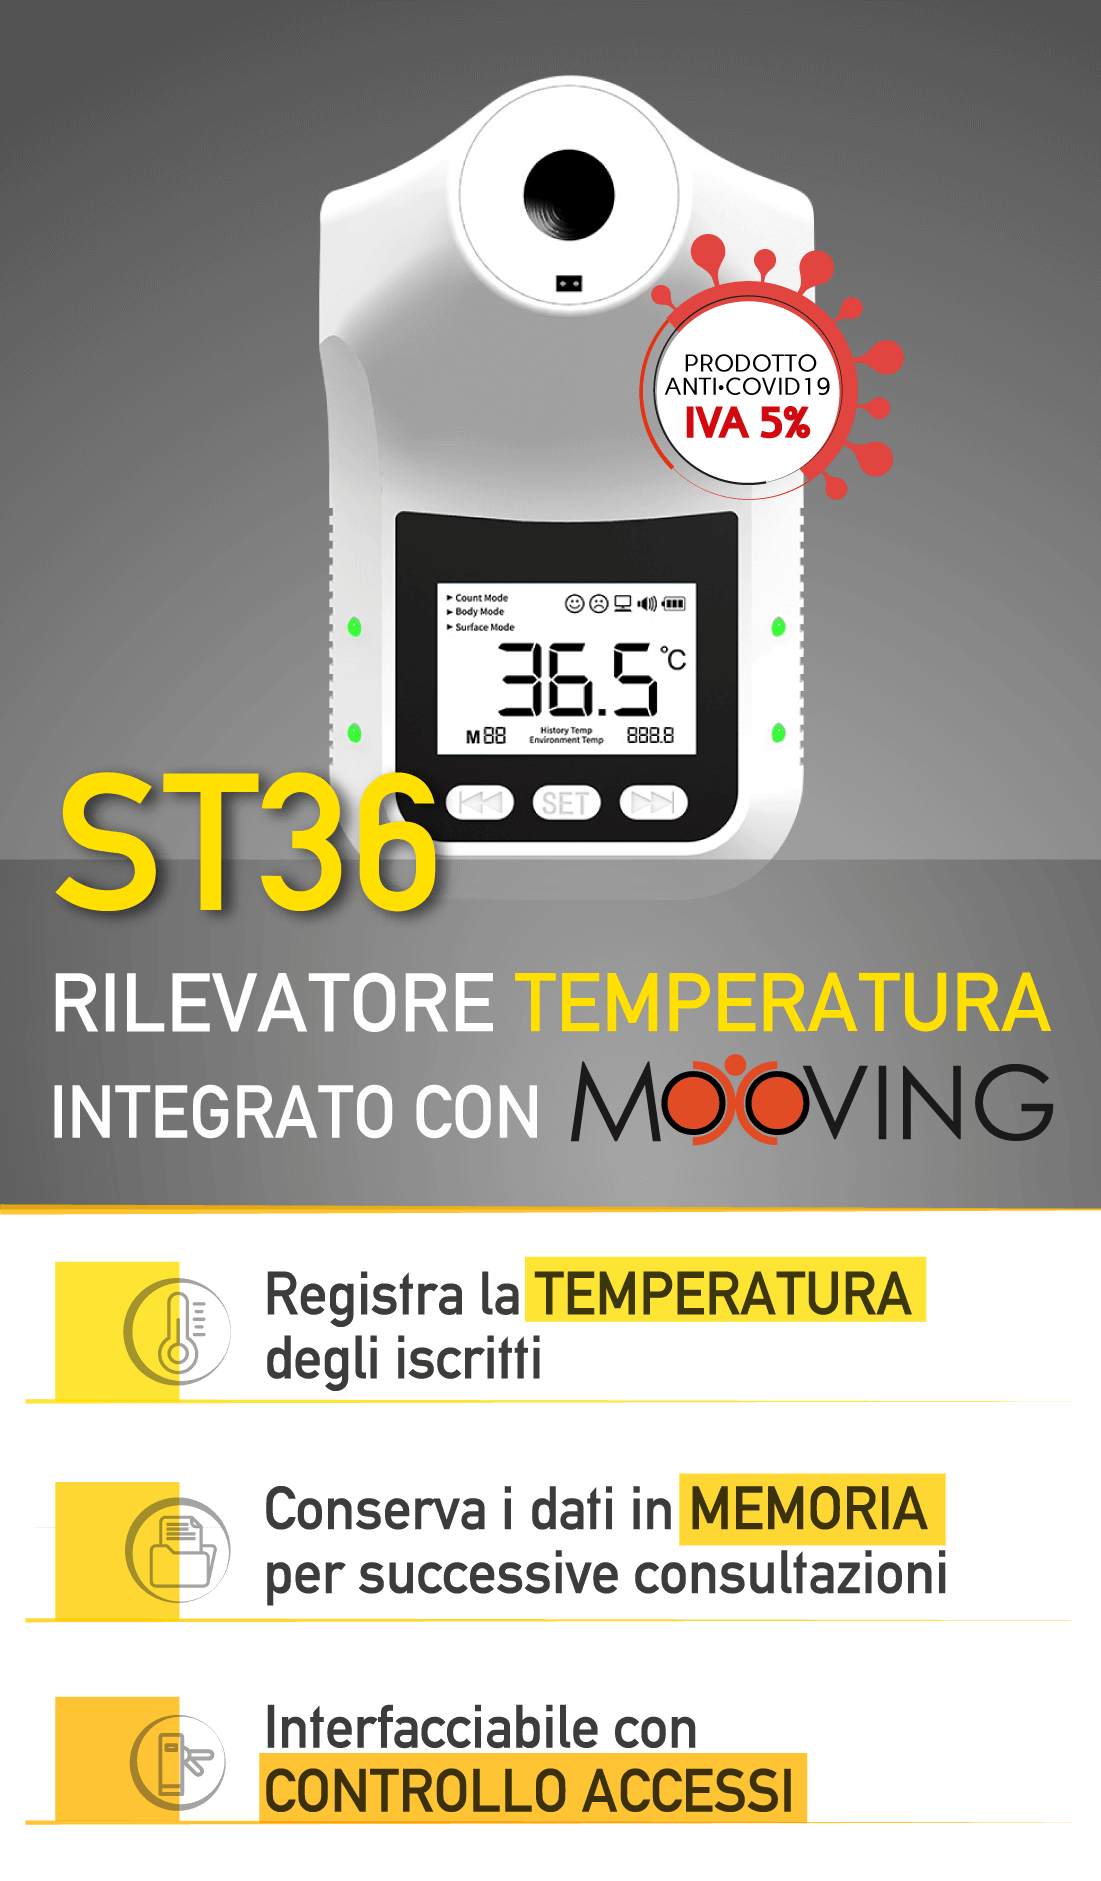 st36 misuratore temperatura integrato con mooving